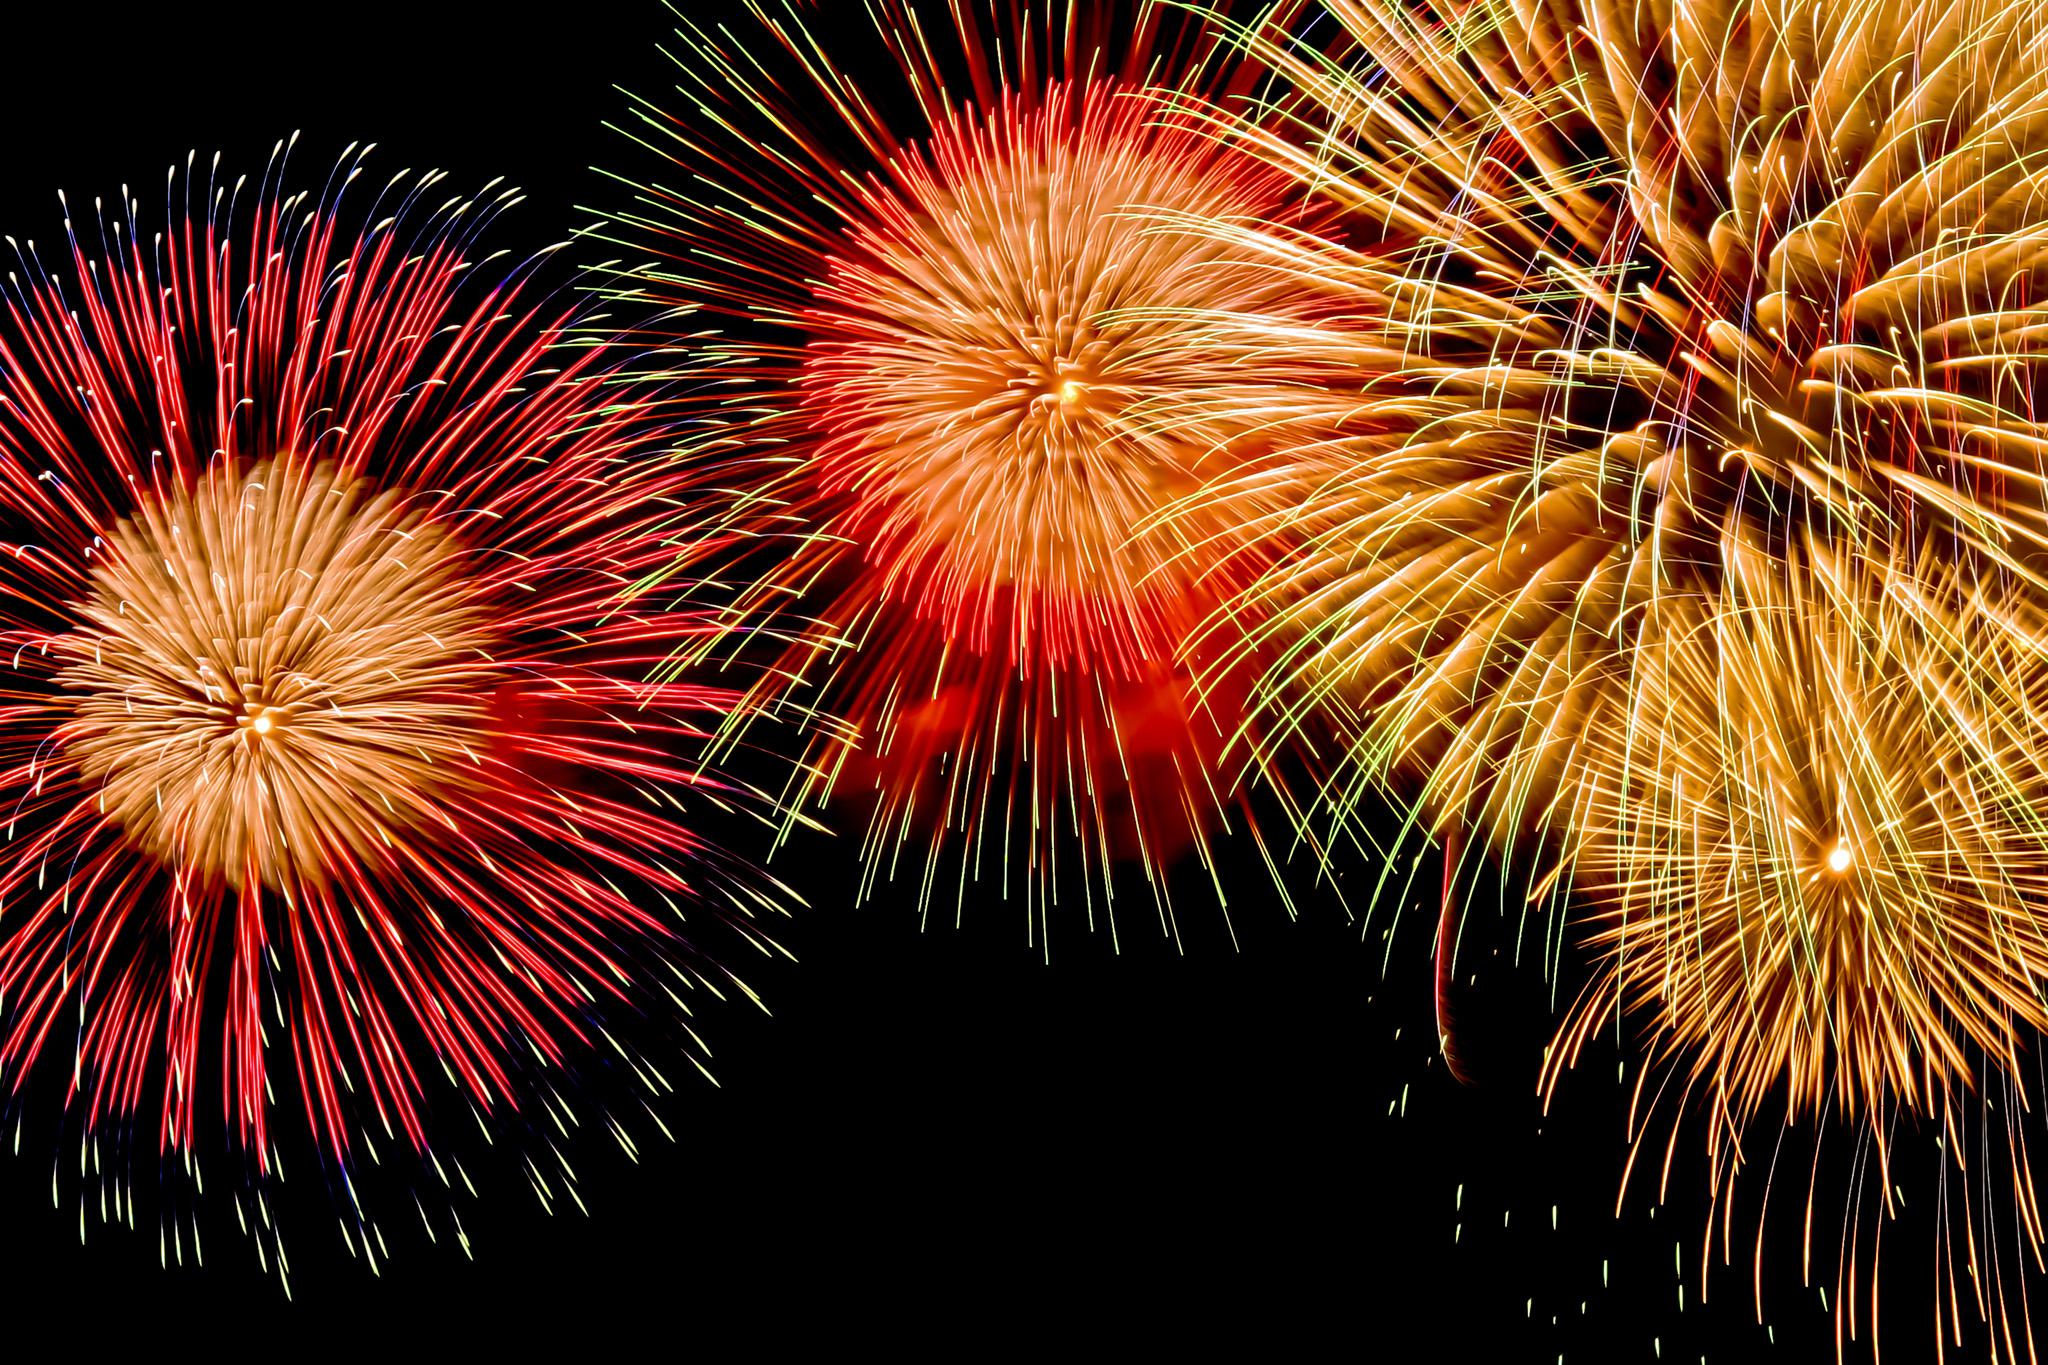 「燦然と輝く夏の花火」の素材を無料ダウンロード